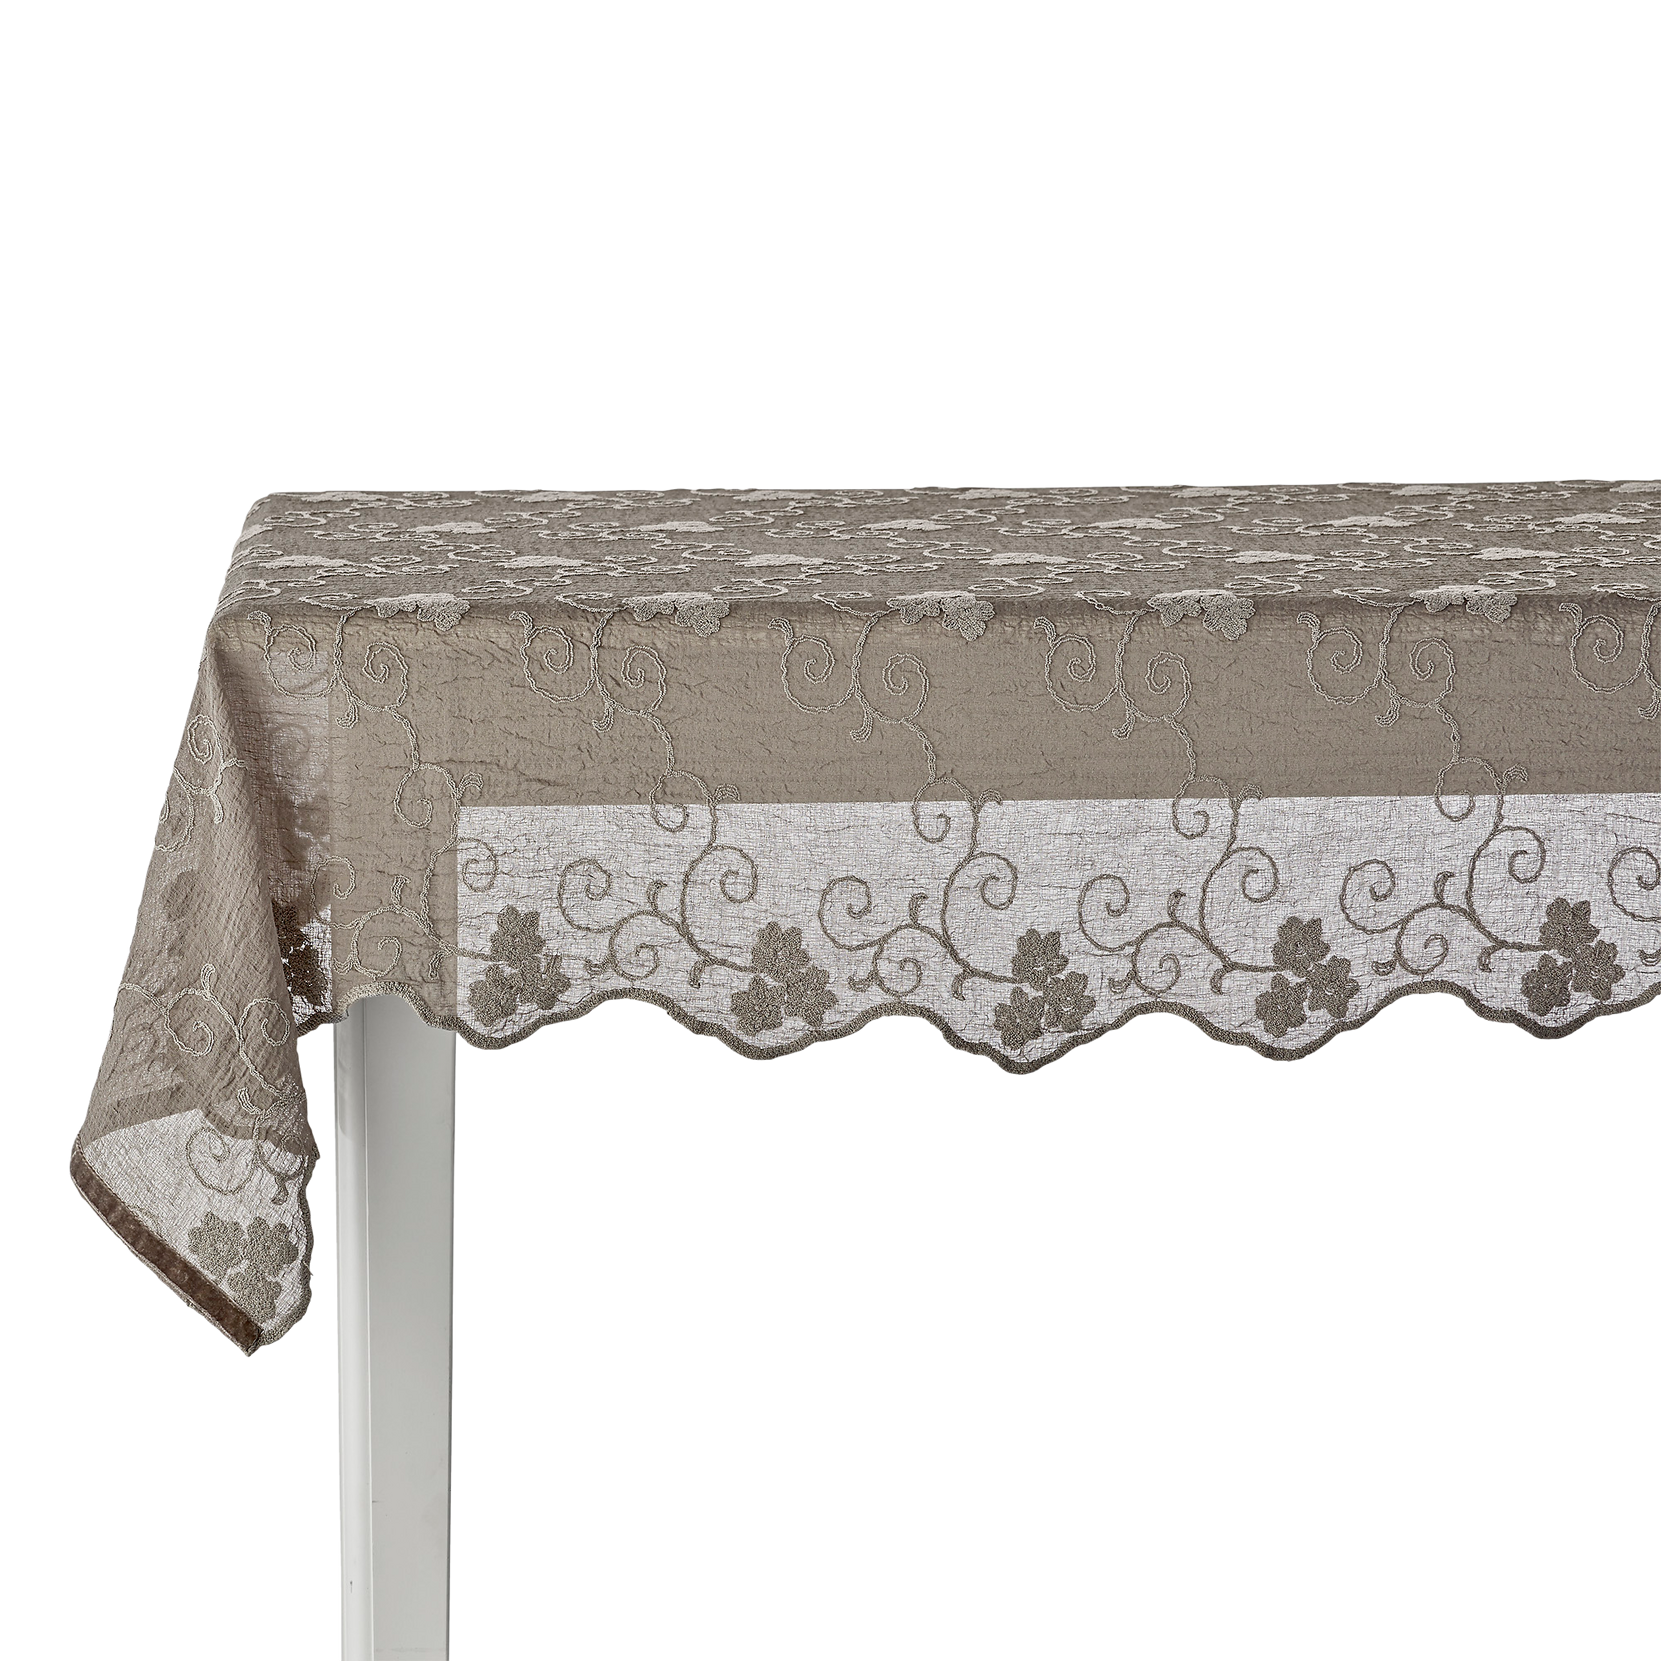 Petrea-pöytäliina 320 x 180 cm